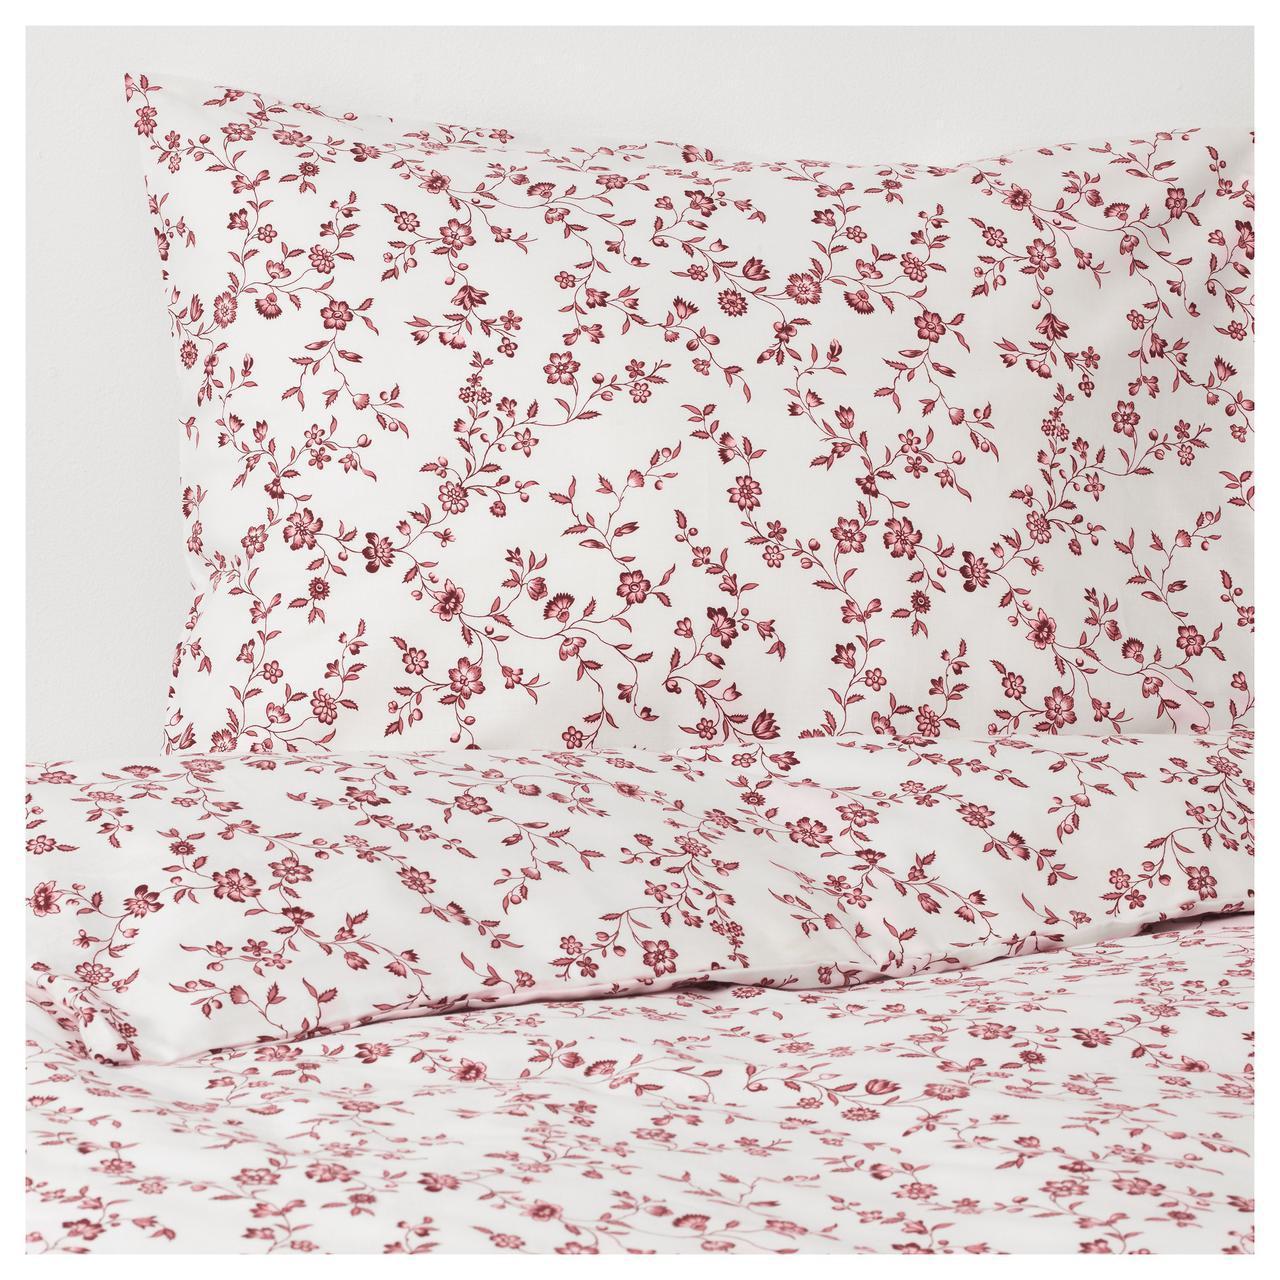 Комплект постельного белья IKEA HÄSSLEKLOCKA 150х200 см розовый с цветочным узором 403.902.95